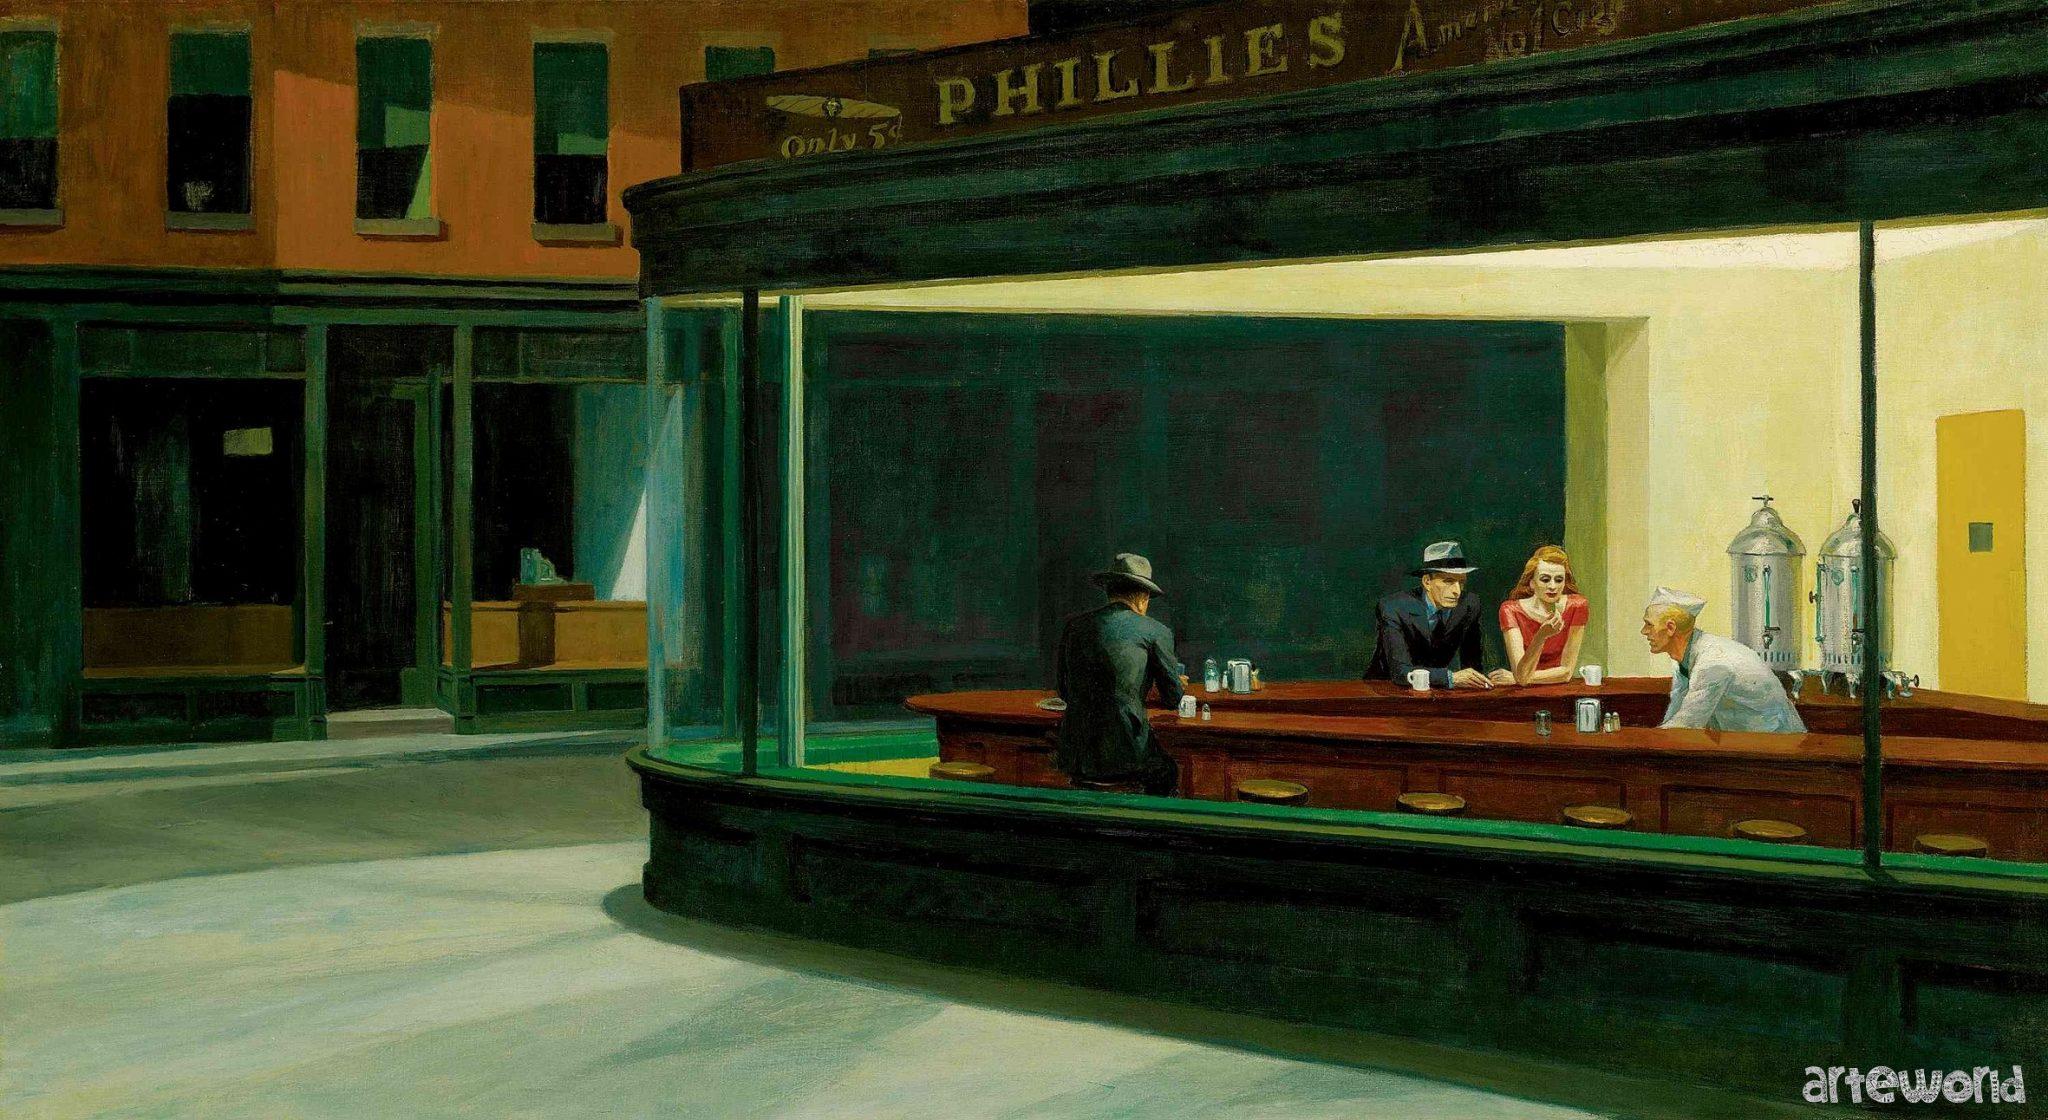 Nighthawks di Edward Hopper, una delle immagini più famose dell'arte del XX secolo